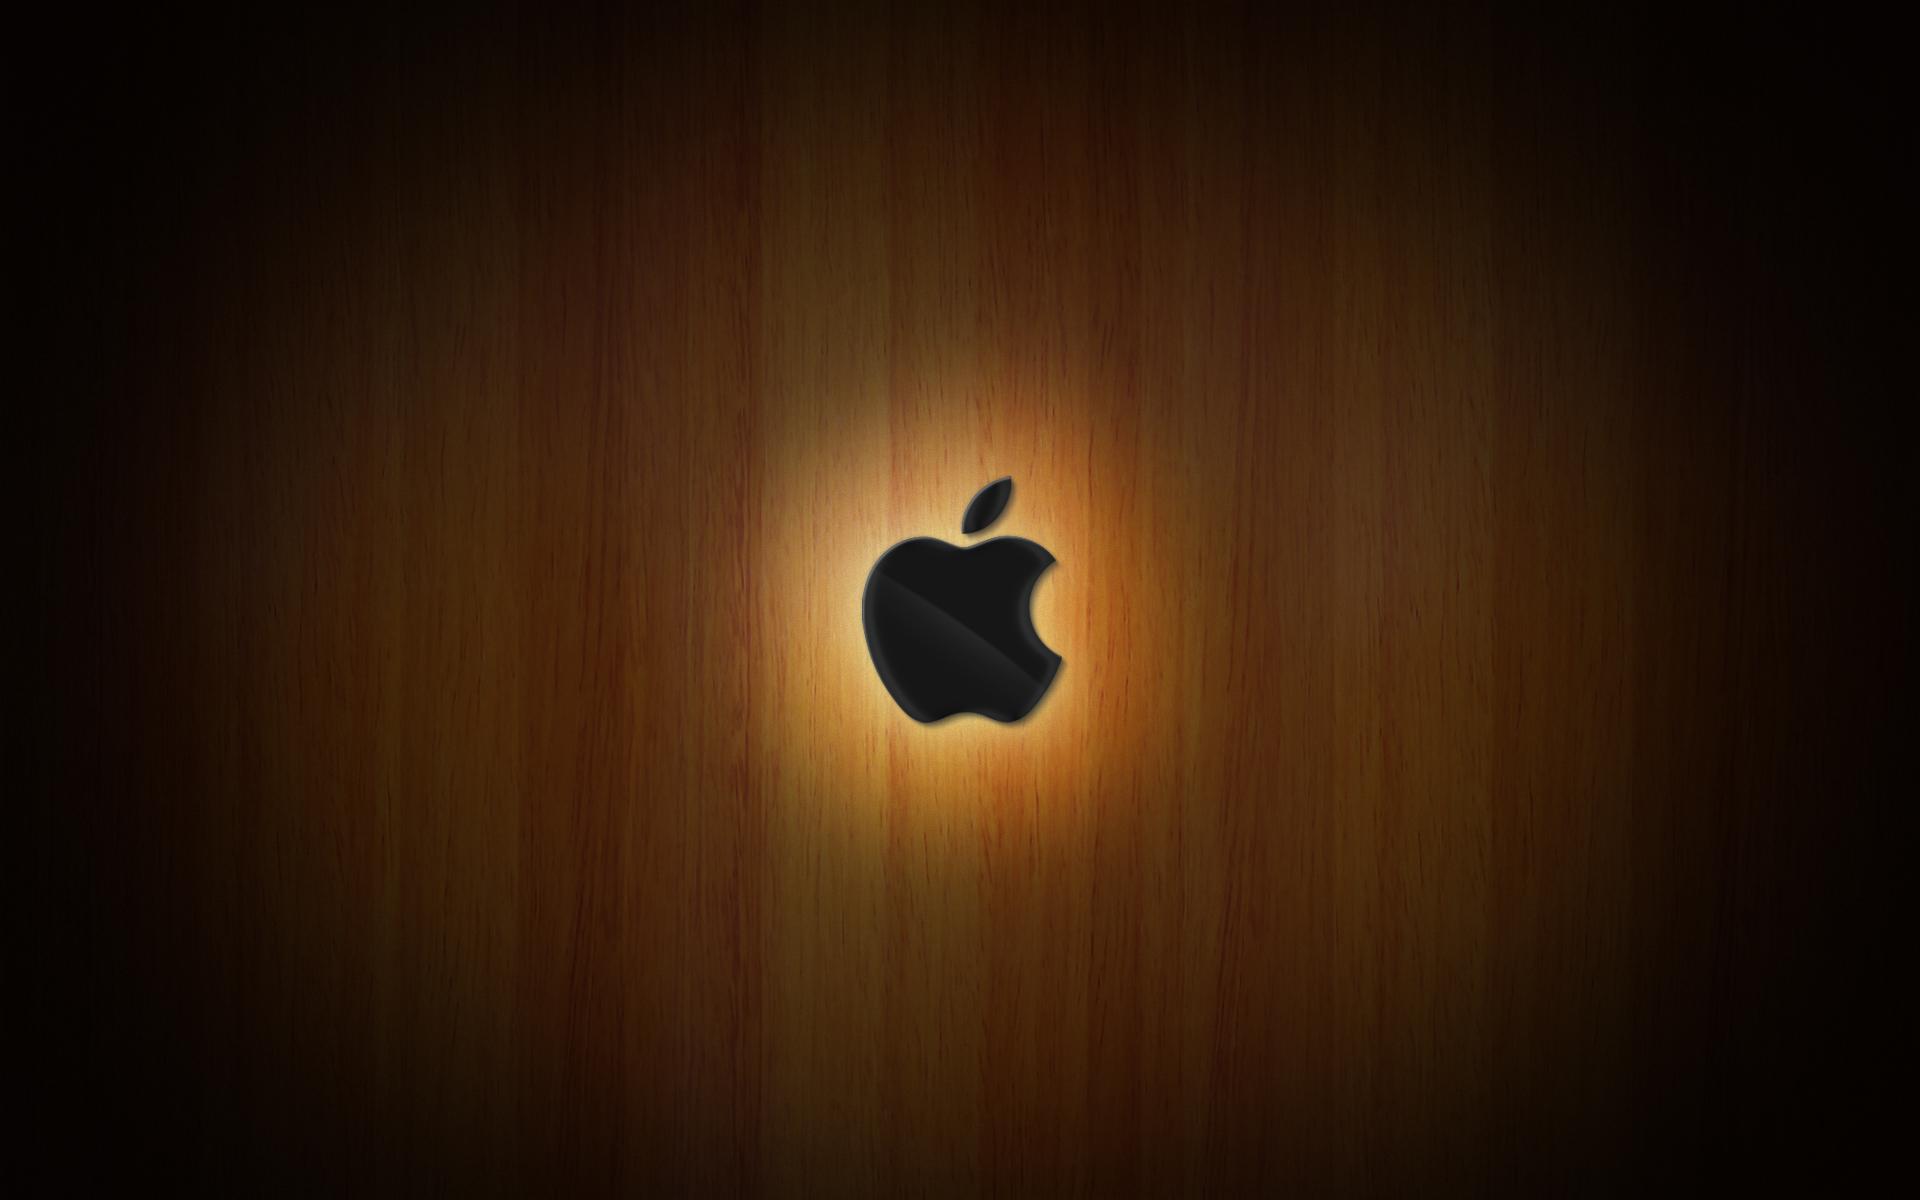 apple mac wallpapers wallpaper inspiring 1920x1200 1920x1200